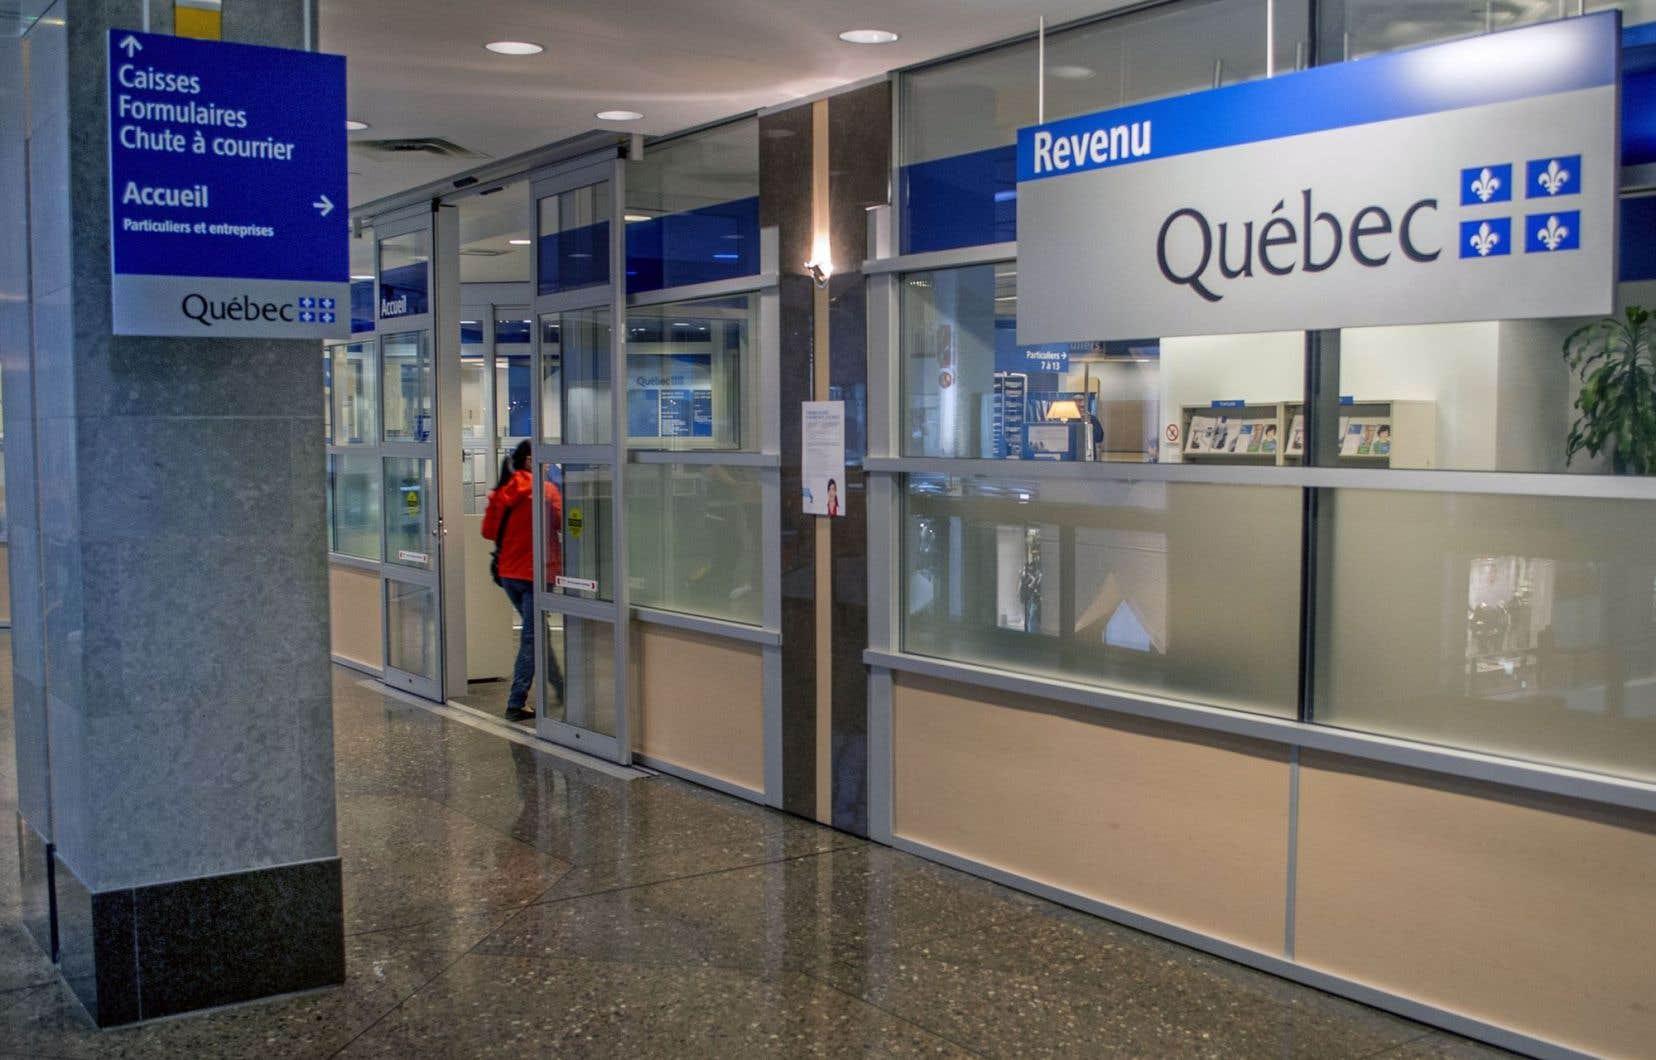 À certaines sociétés qui n'ont pas produit leur déclaration de revenus, Revenu Québec envoie des avis de cotisation dont les montants sont systématiquement fixés à 8000$.